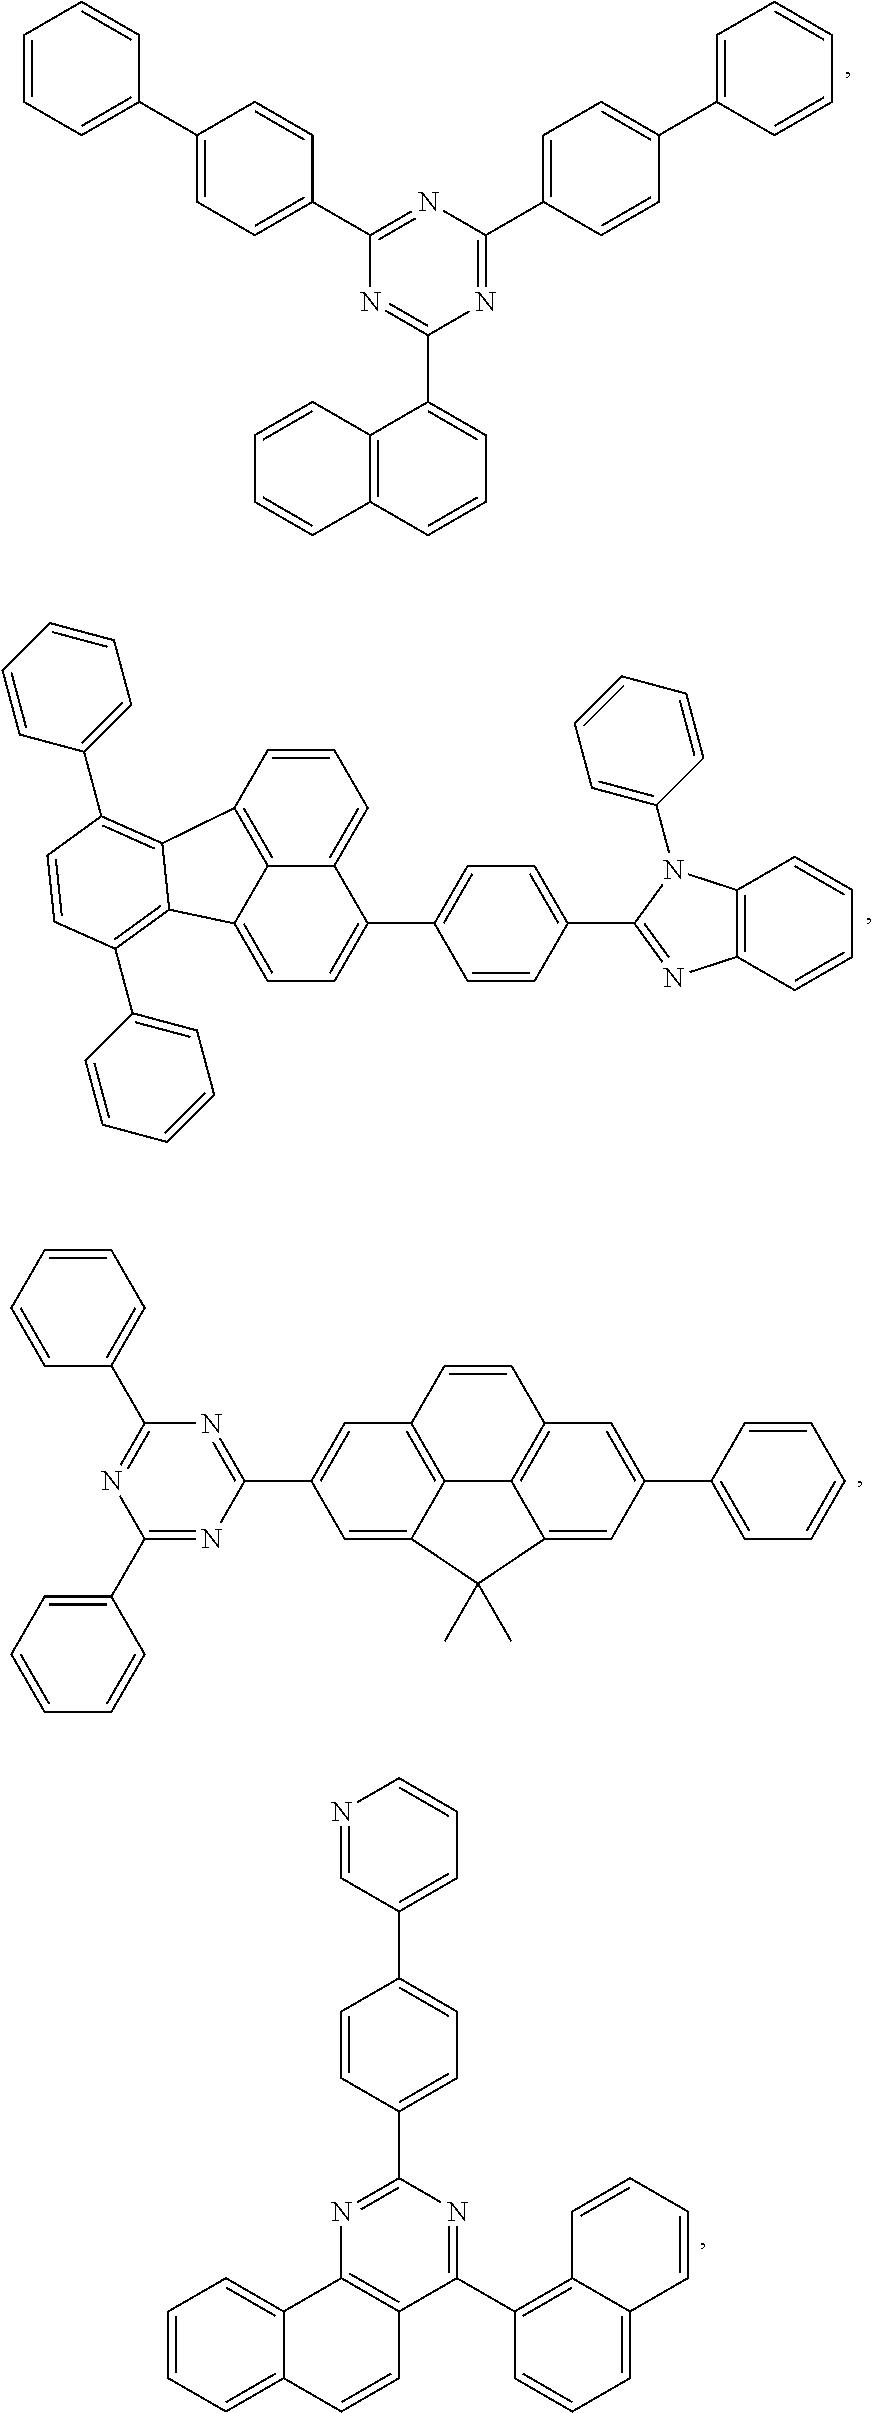 Figure US20180076393A1-20180315-C00124